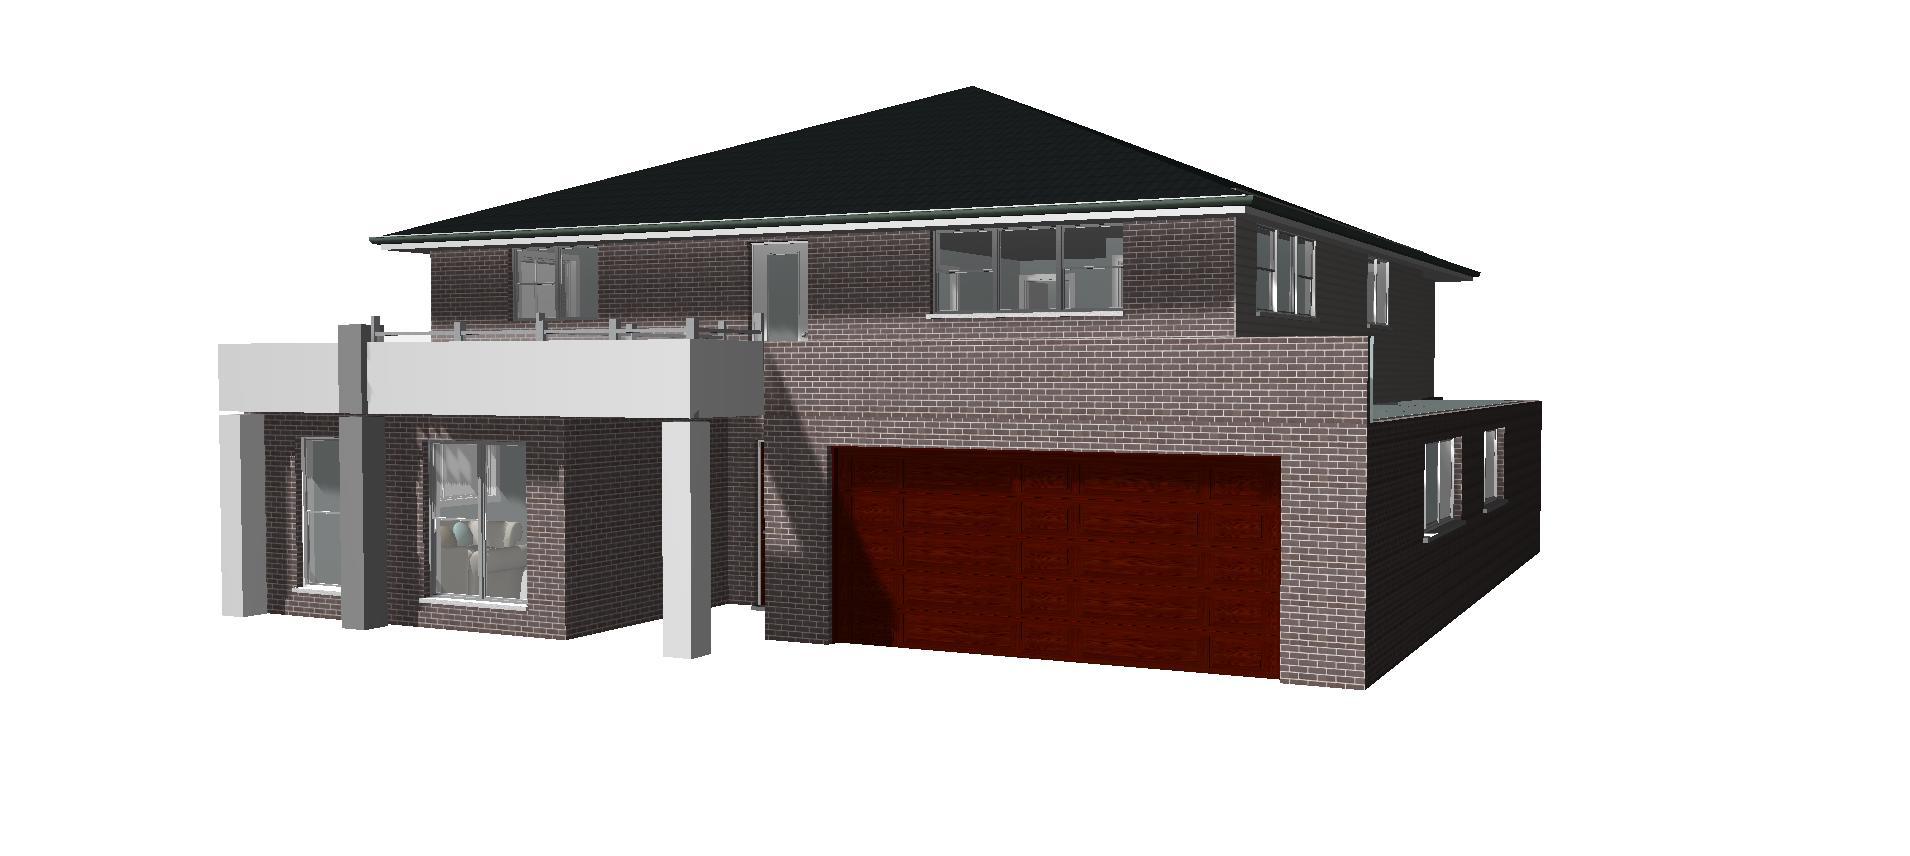 Concept D - facade2